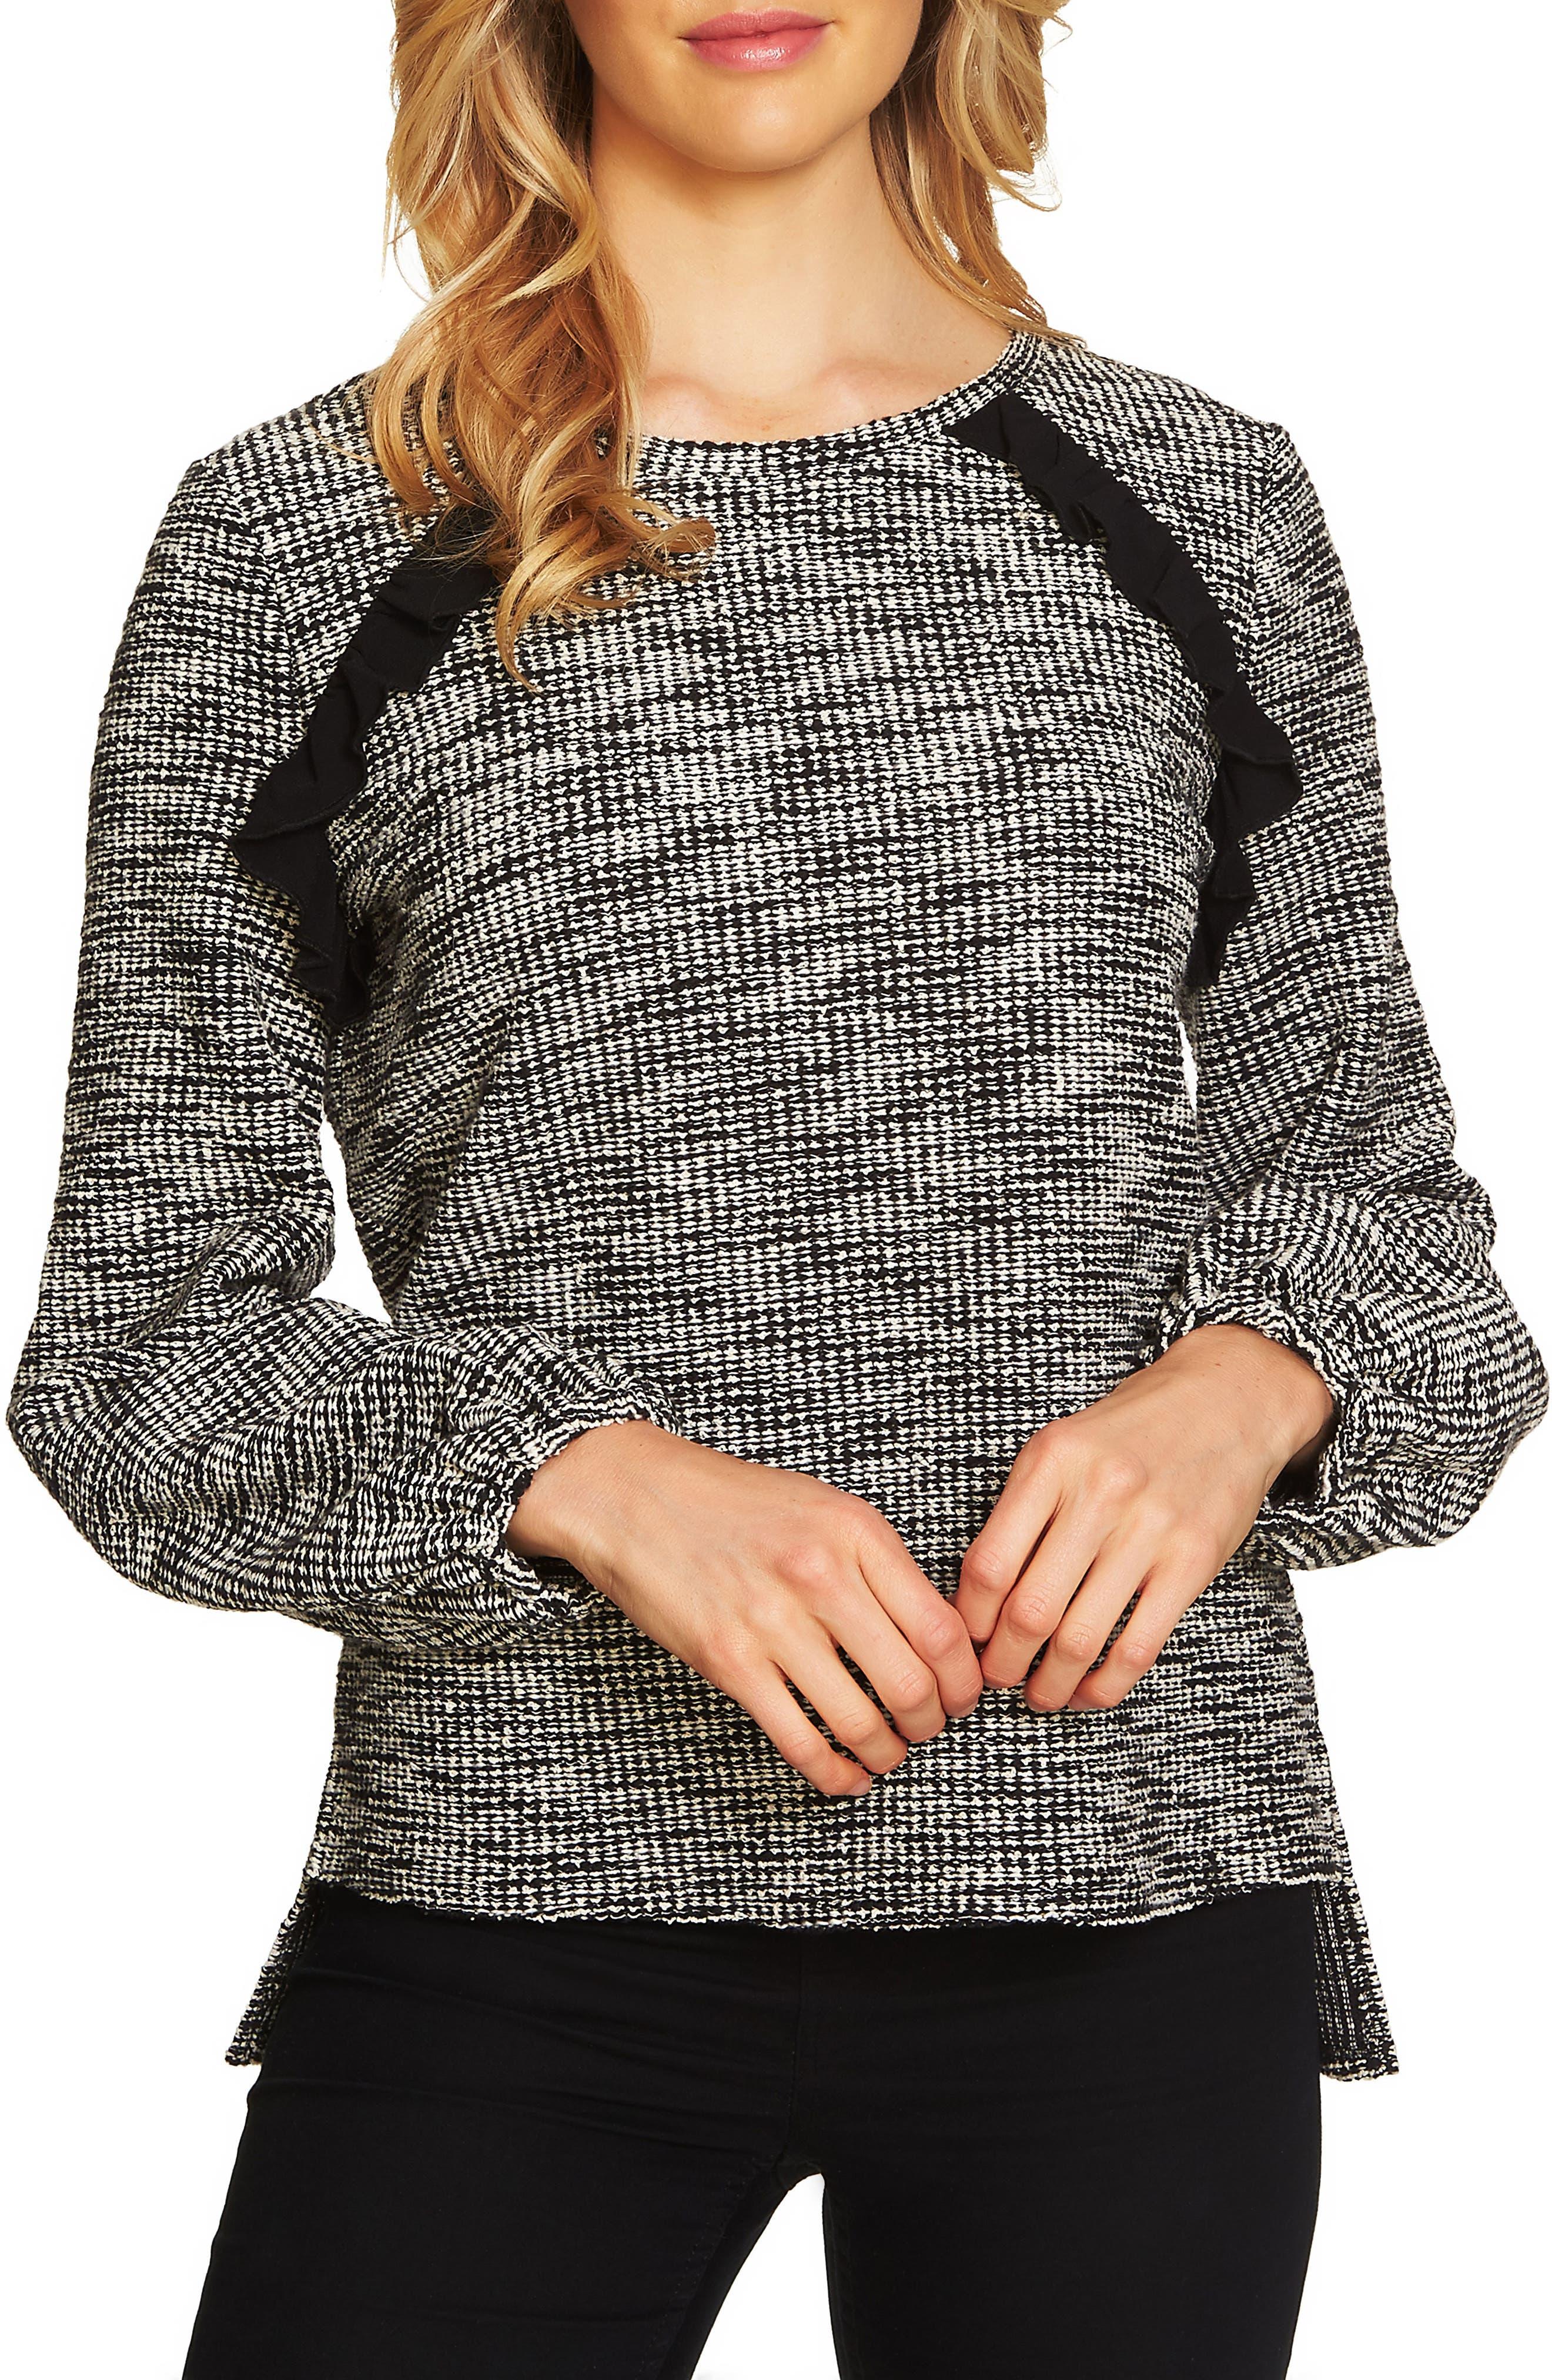 Tweedy Knit Top,                         Main,                         color, Rich Black